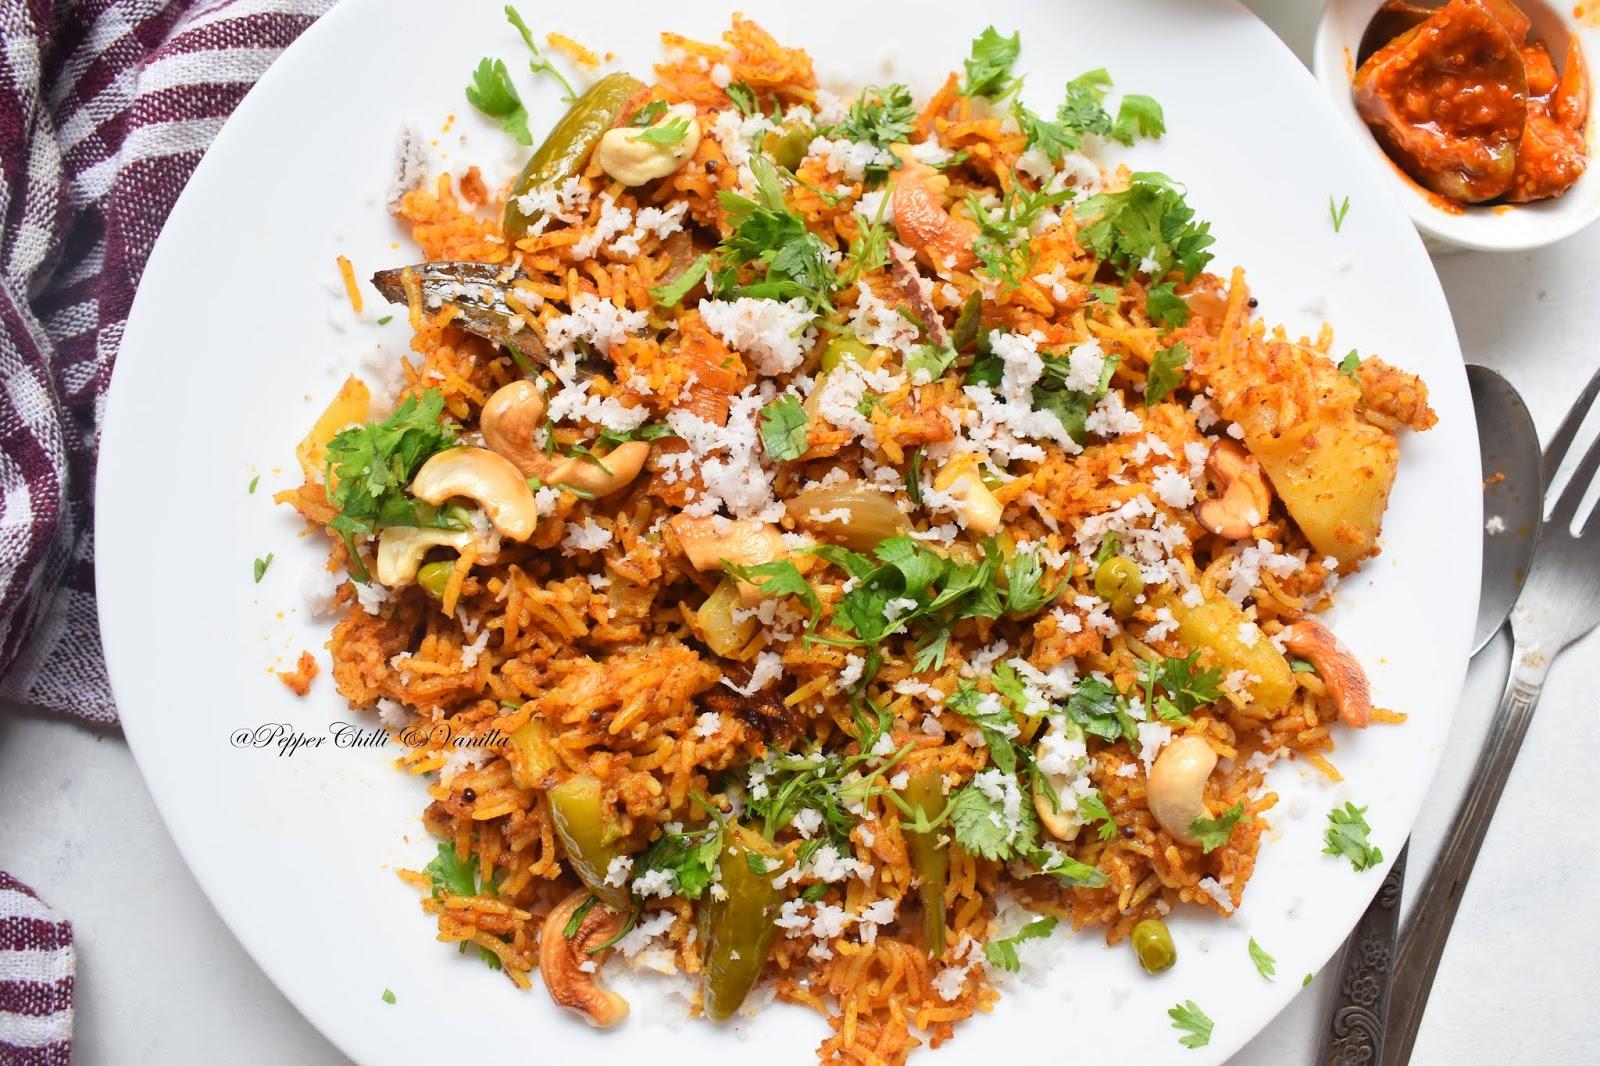 authentic masale bhaat recipe